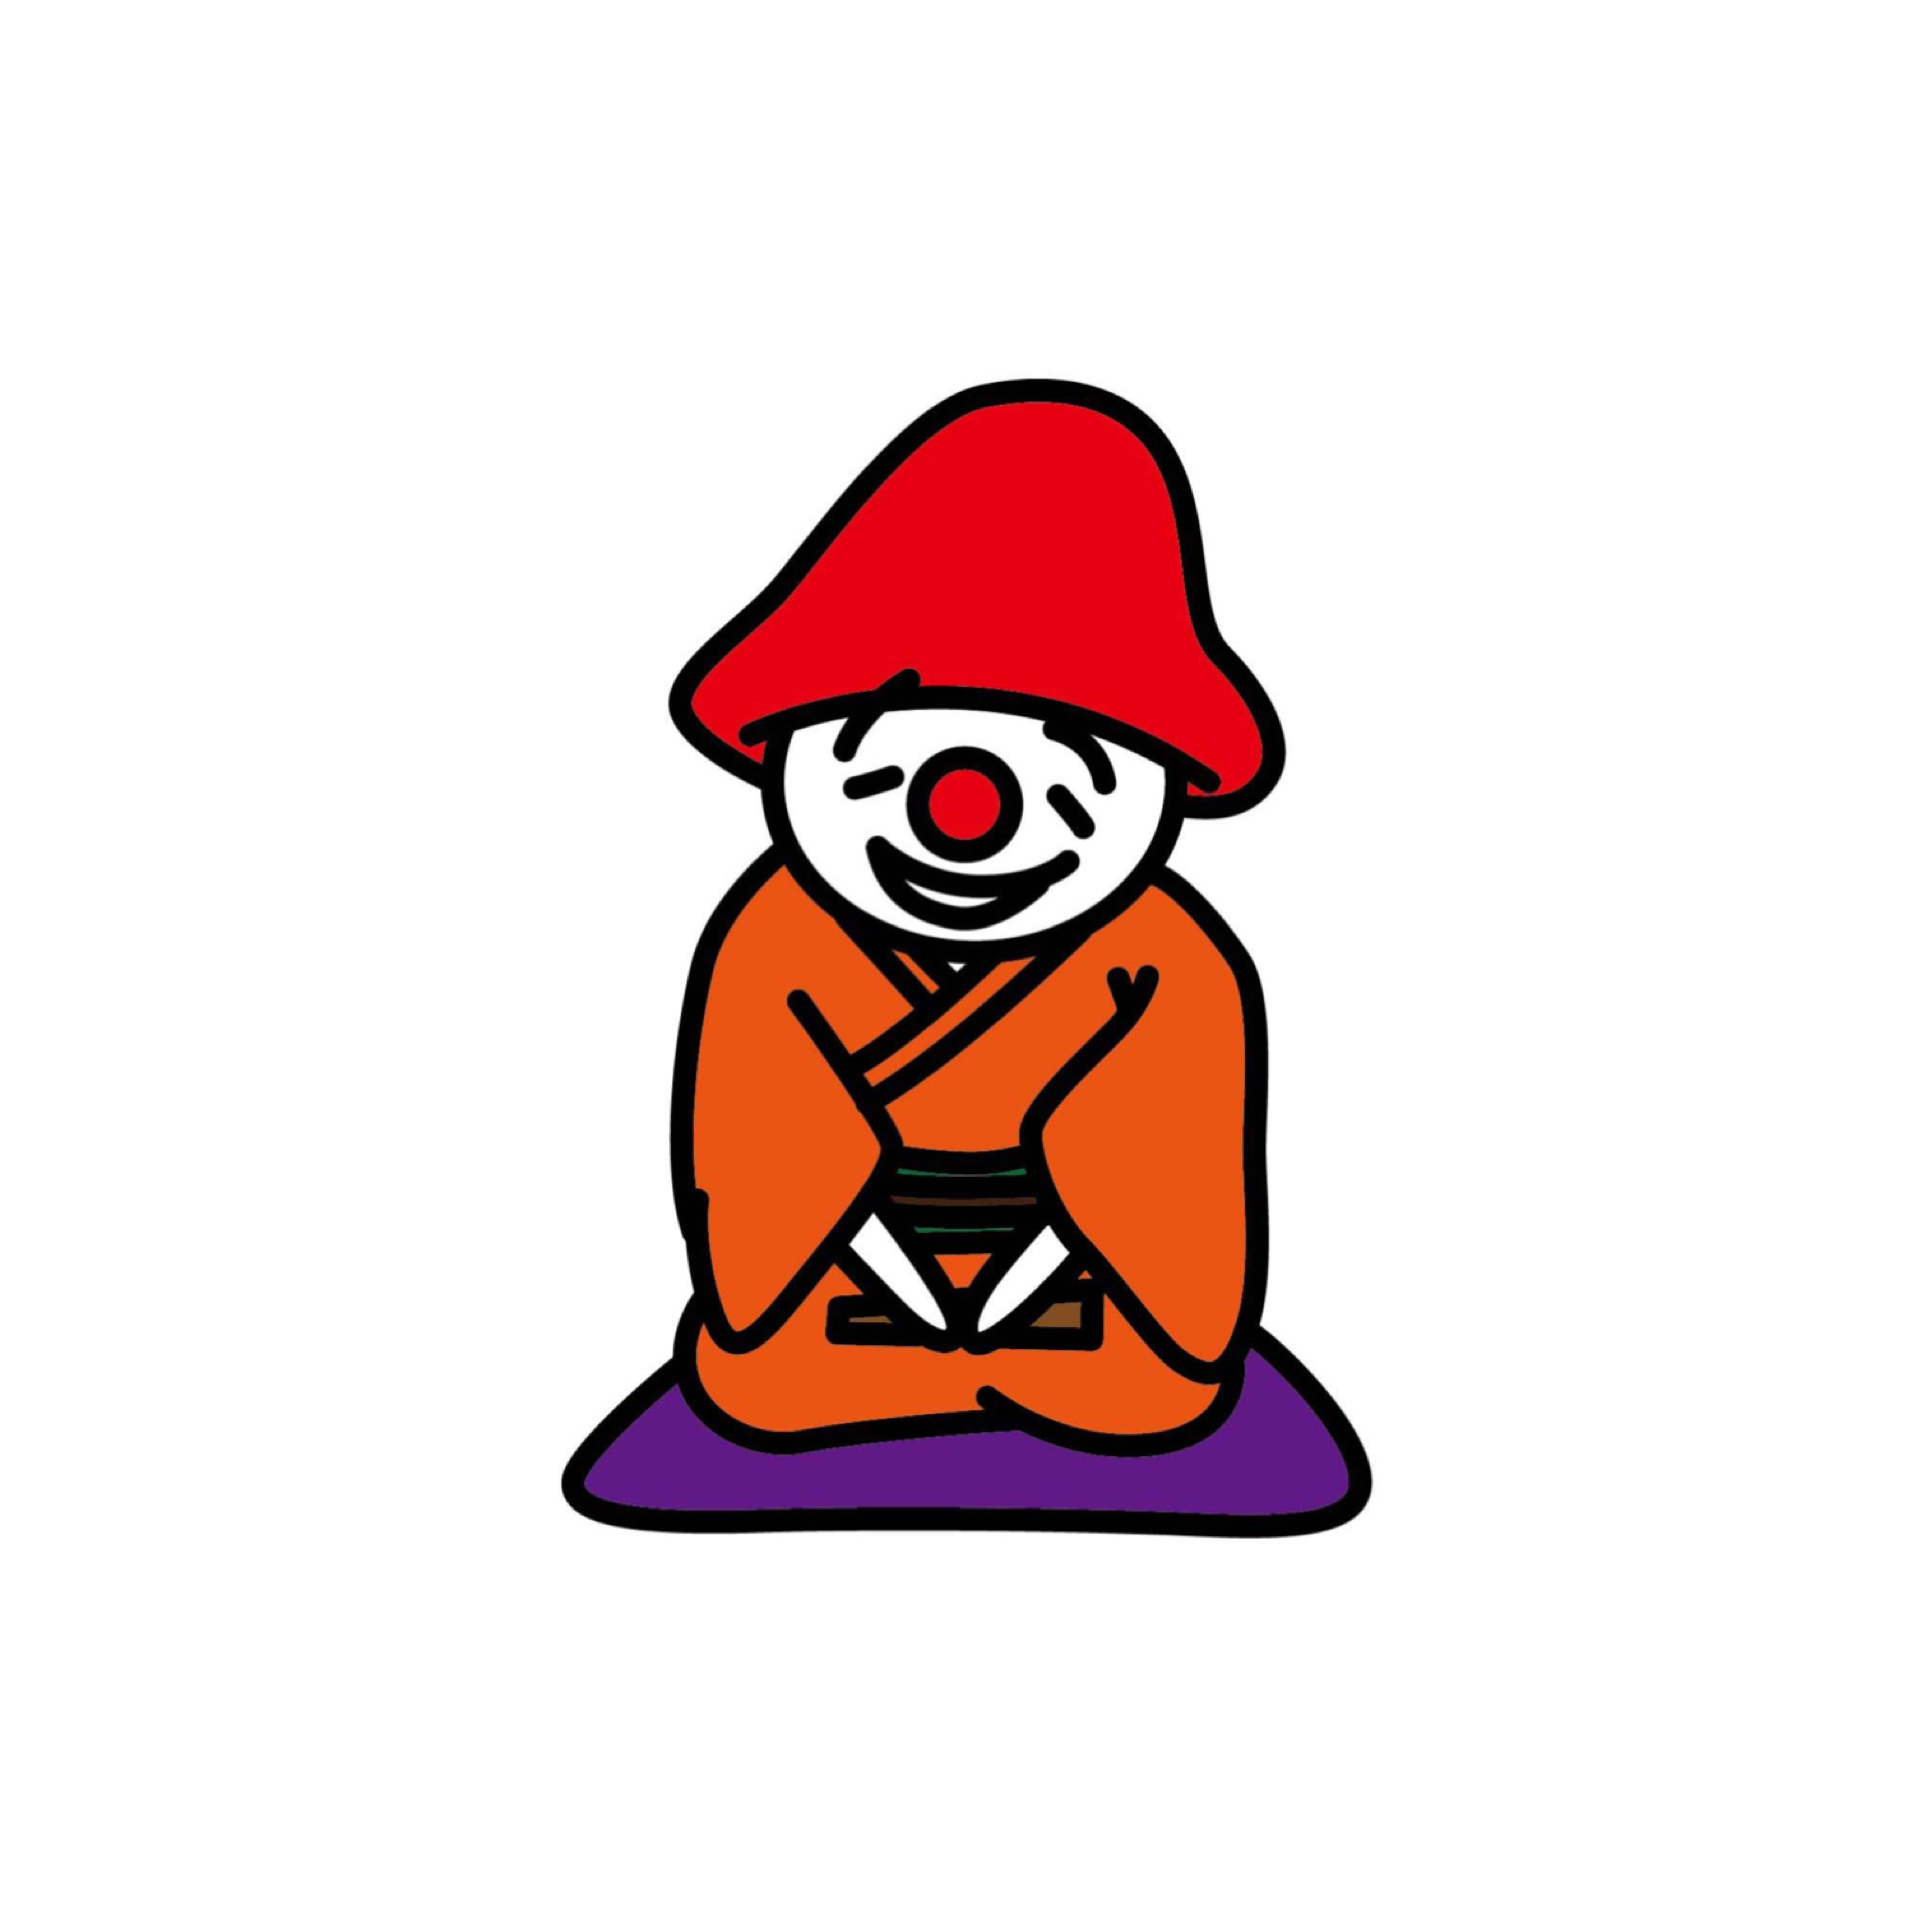 5/3 [感謝とお詫びとお知らせと]